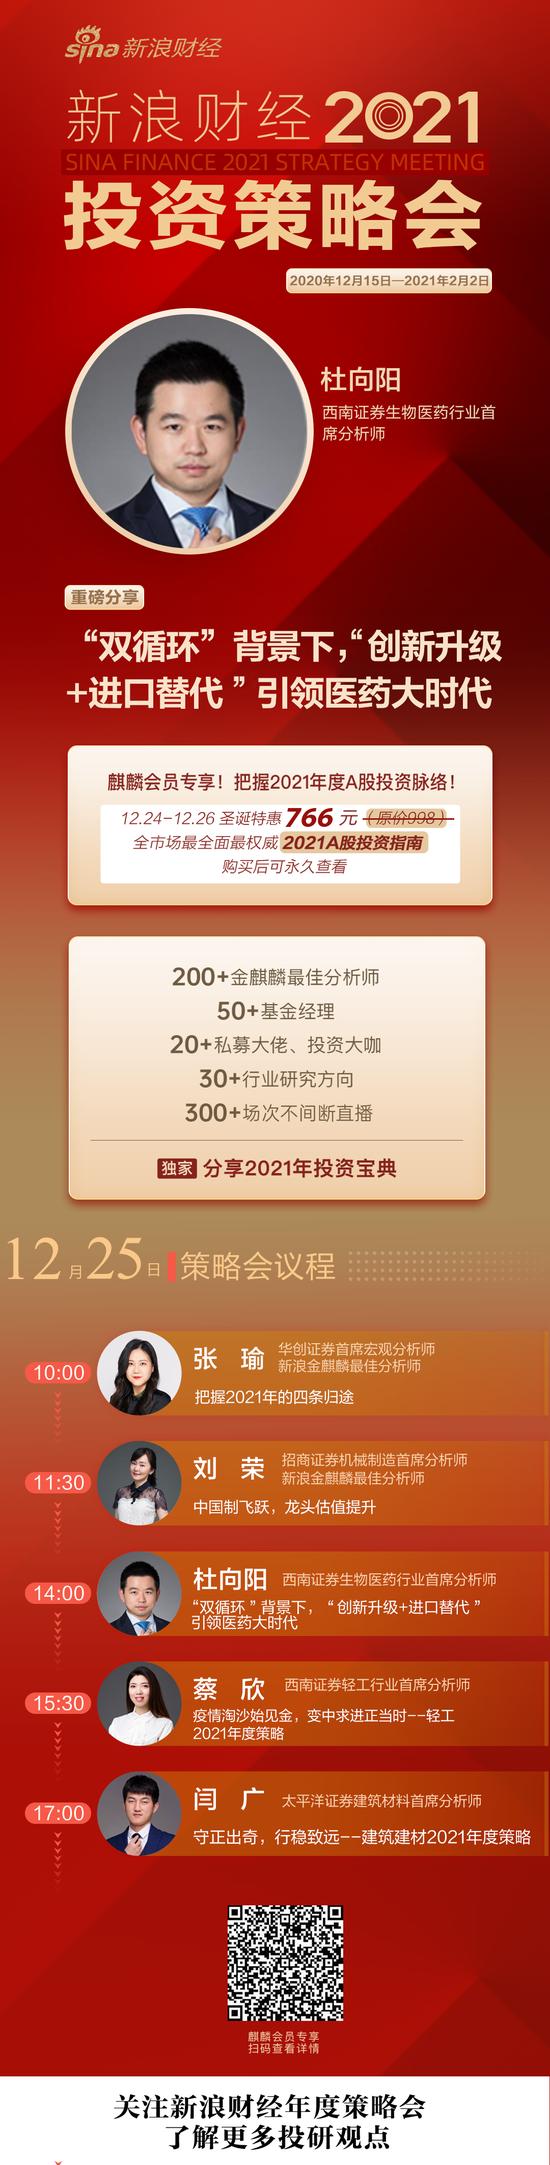 电银付安装教程(dianyinzhifu.com):杜向阳:双循环靠山下创新升级+入口替换引领医药大时代